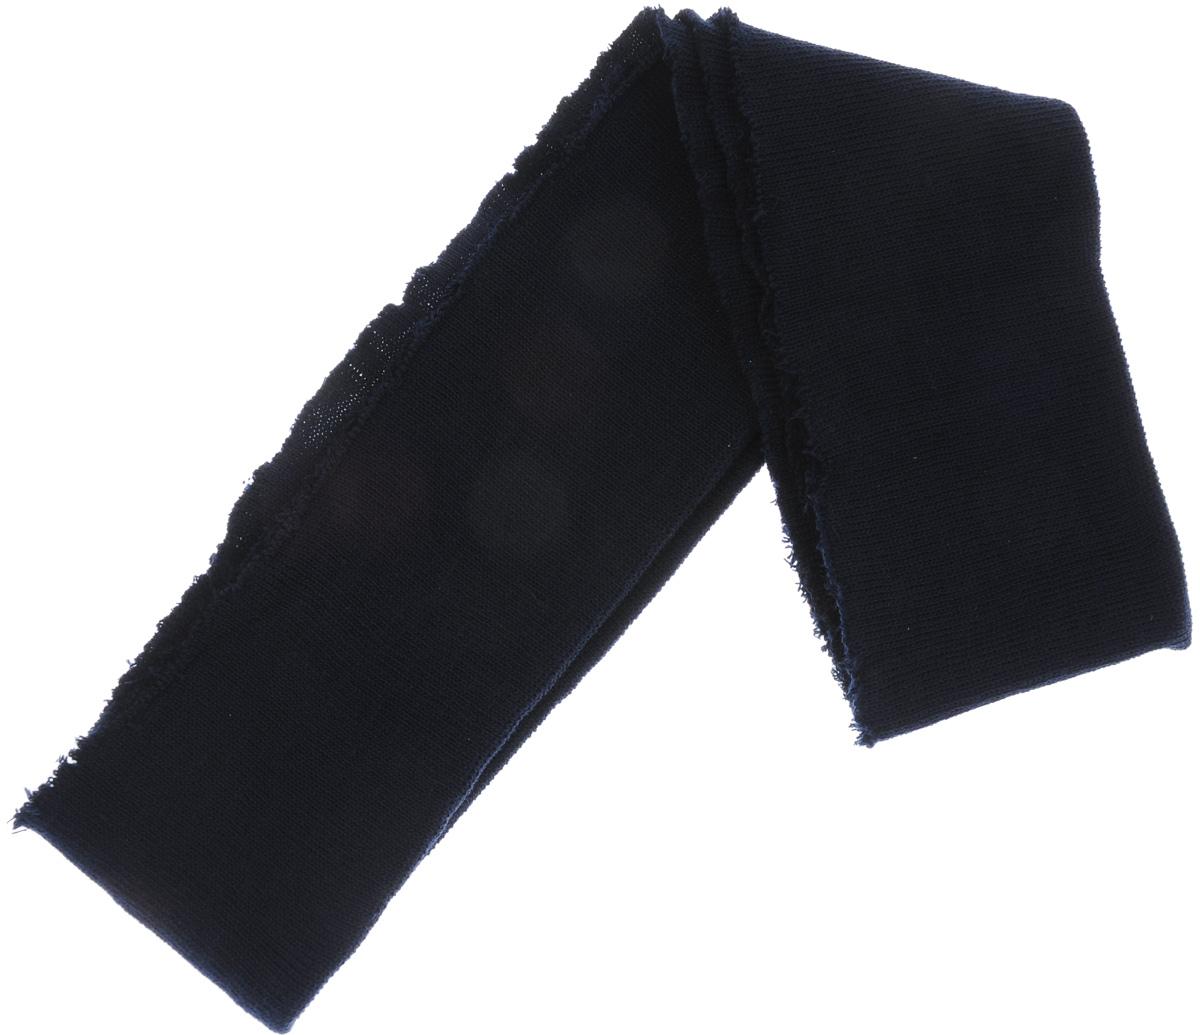 Пояс-резинка Prym, цвет: темно-синий, обхват 20 см342665Эластичный пояс-резинка Prym изготовлен из высококачественного полиэстера. Изделие предназначено для шитья брюк, спортивных штанов и много другого. Обхват резинки-пояса: 20 см. Ширина резинки-пояса: 5 см.